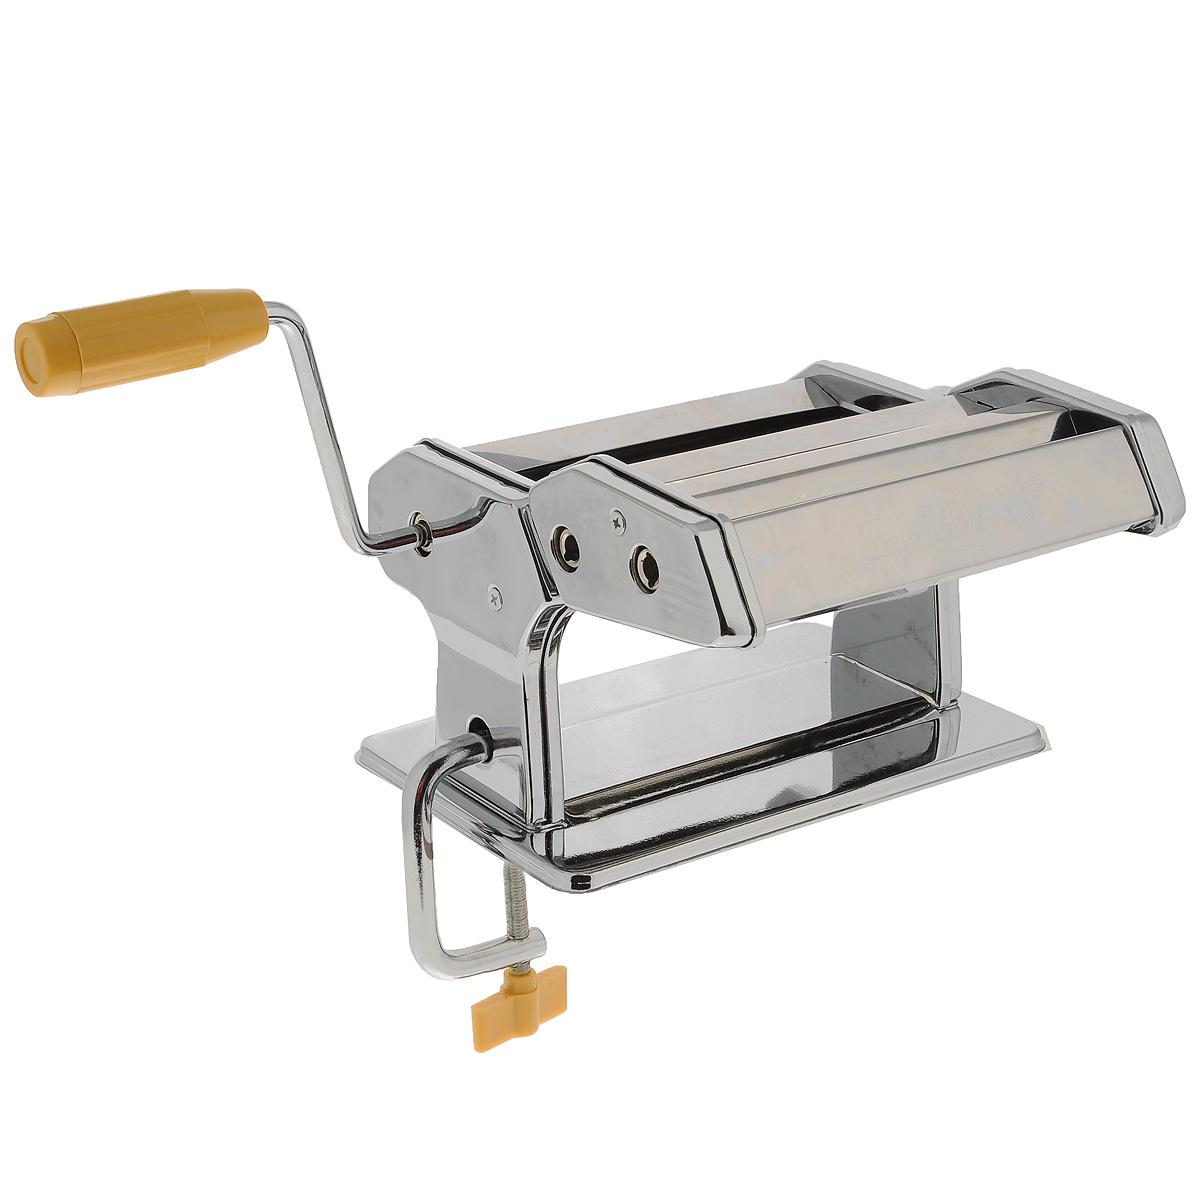 Лапшерезка ручная ZeidanZ-1167Ручная лапшерезка Zeidan изготовлена из высококачественной нержавеющей стали с зеркальной полировкой. Изделие прекрасно подходит для раскатки теста для лазаньи, домашней лапши или пасты. Лапшерезка оснащена валиком для раскатки теста и съемной ручкой. В комплекте - струбцина для крепления к столу. Принцип работы лапшерезки очень прост: вращая рукоятку, вы запускаете валики, которые позволяют раскатать идеально тонкое тесто, с помощью ручки раскатанное тесто также можно разрезать на узкие или широкие полоски. Для удобства использования ручка оснащена пластиковой вставкой. Лапшерезка Zeidan имеет 9 режимов толщины раскатки теста и позволяет нарезать 2 вида лапши. Размер лапшерезки (ДхШхВ): 21 см х 14 см х 12,5 см. Ширина плоской лапши: 6,5 мм. Ширина спагетти: 2 мм. Материал: нержавеющая сталь, пластик.